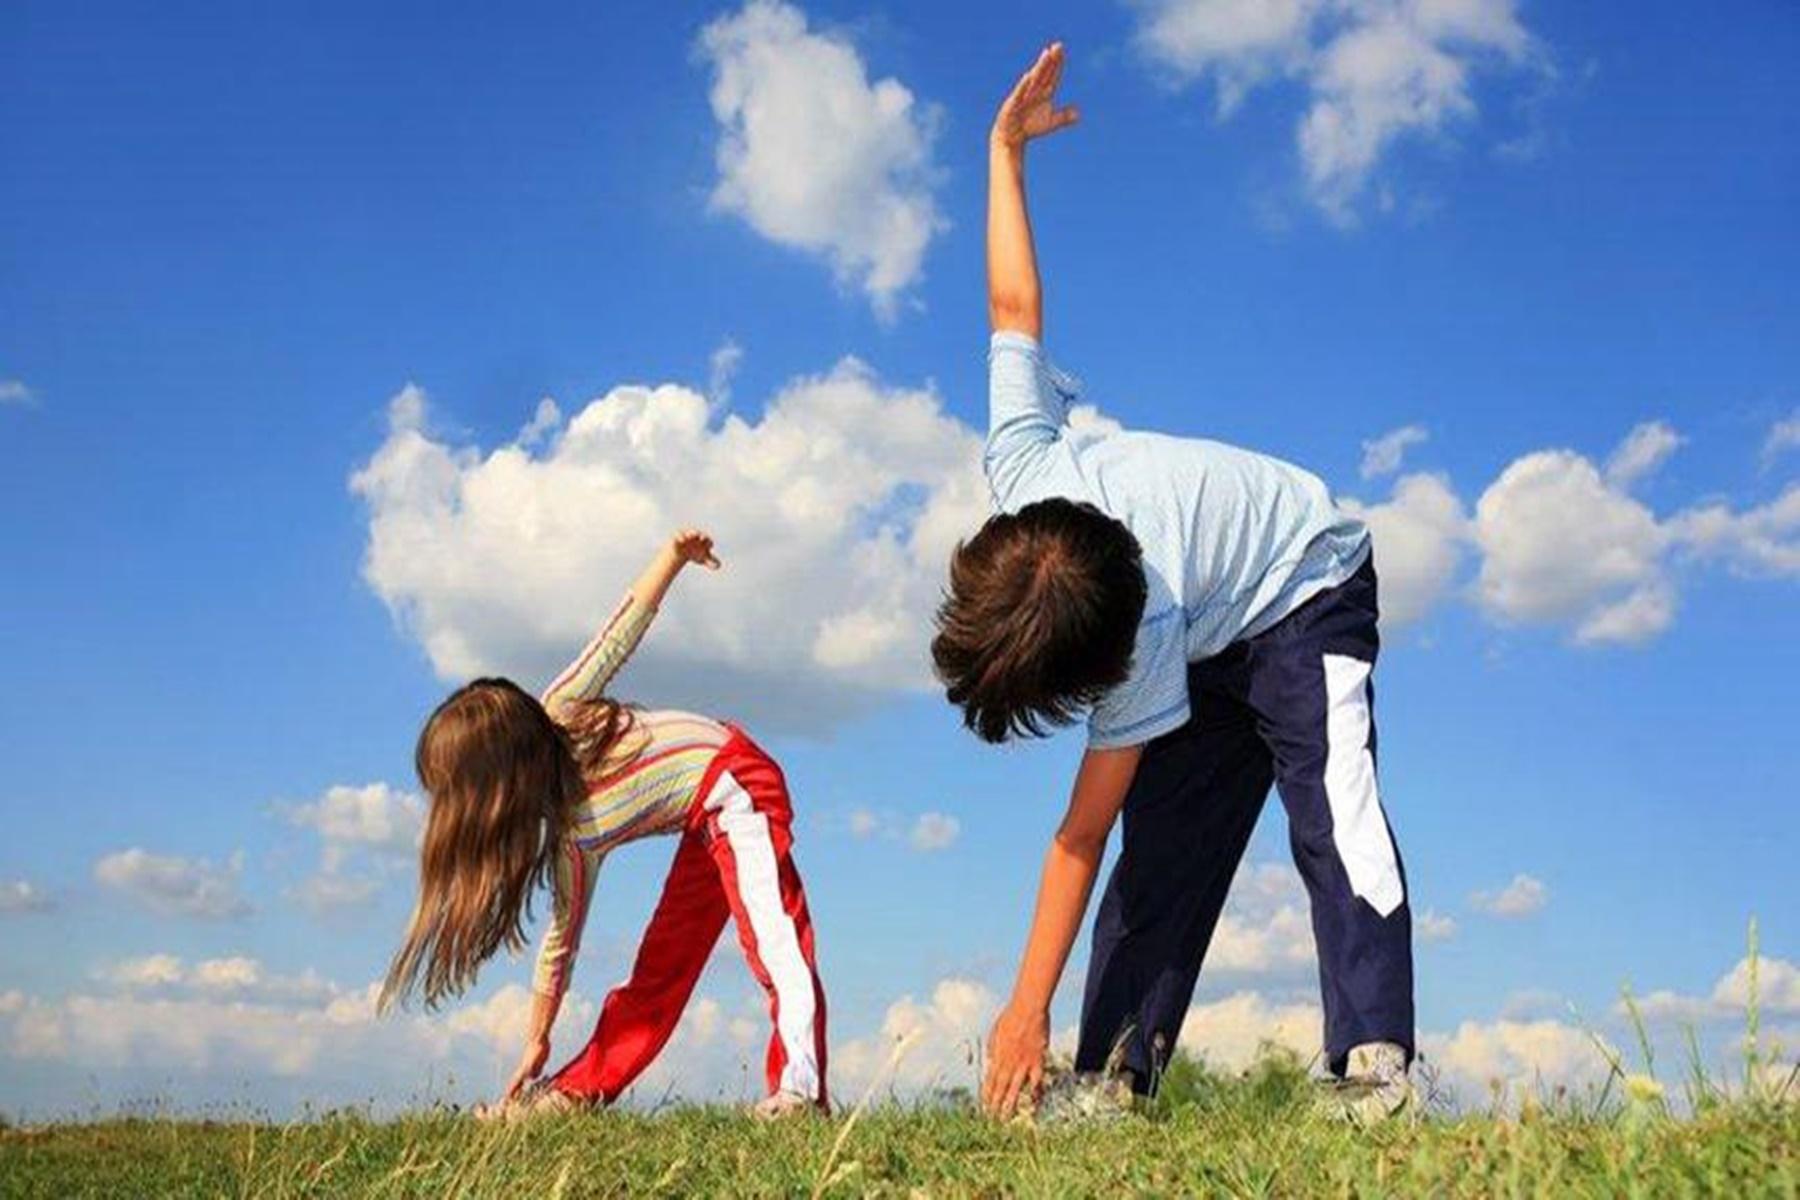 Ψυχική υγεία : Η δραστηριότητα την διατηρεί σε φυσιολογικά επίπεδα